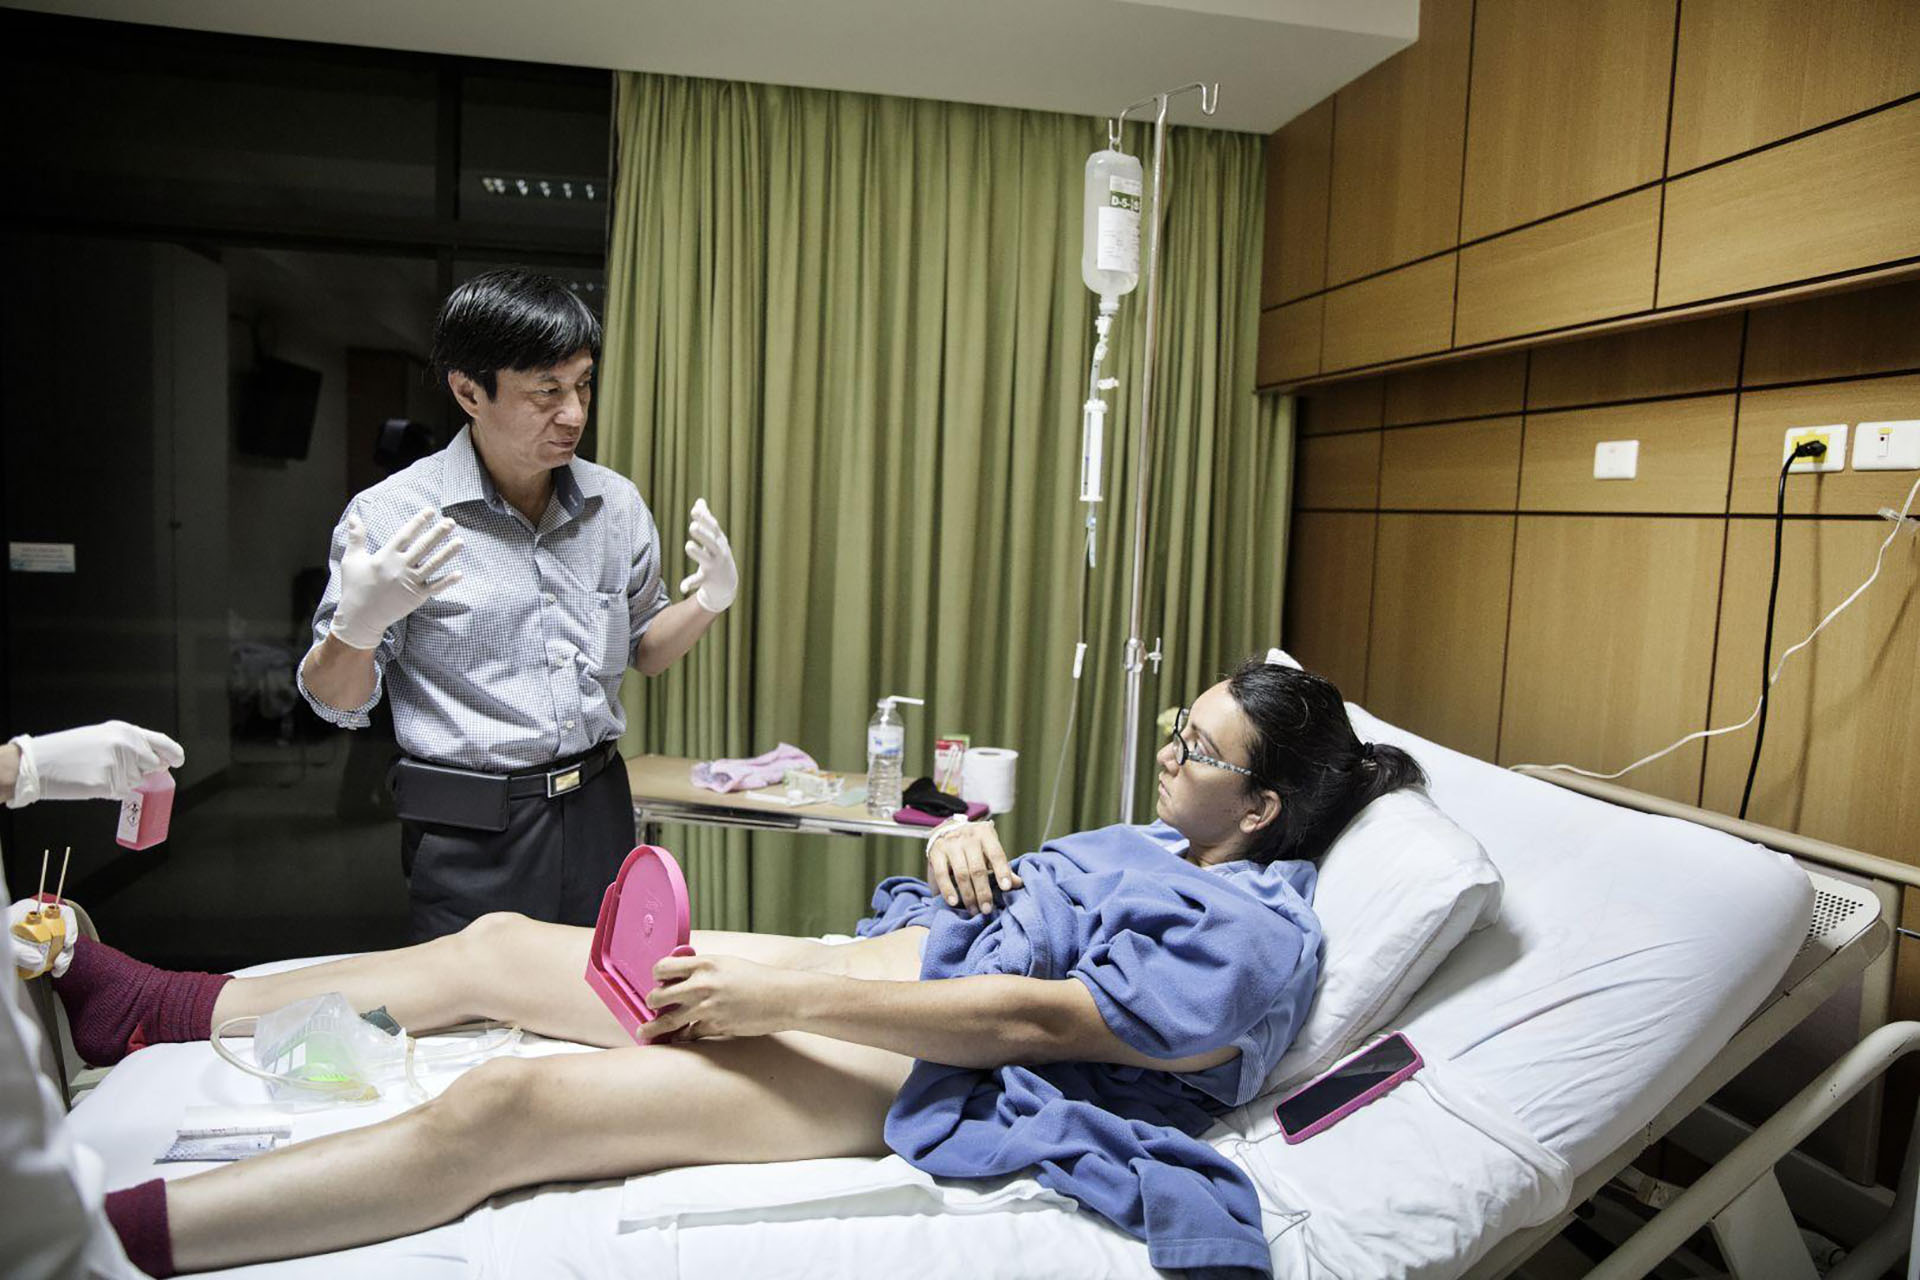 More Than a Woman – Más que una mujer: el Dr. Suporn Watanyusakul muestra a la paciente Olivia Thomas su nueva vagina después de una cirugía de cambio de sexo en un hospital en Chonburi, cerca de Bangkok, Tailandia. (Giulio Di Sturco, Italia)